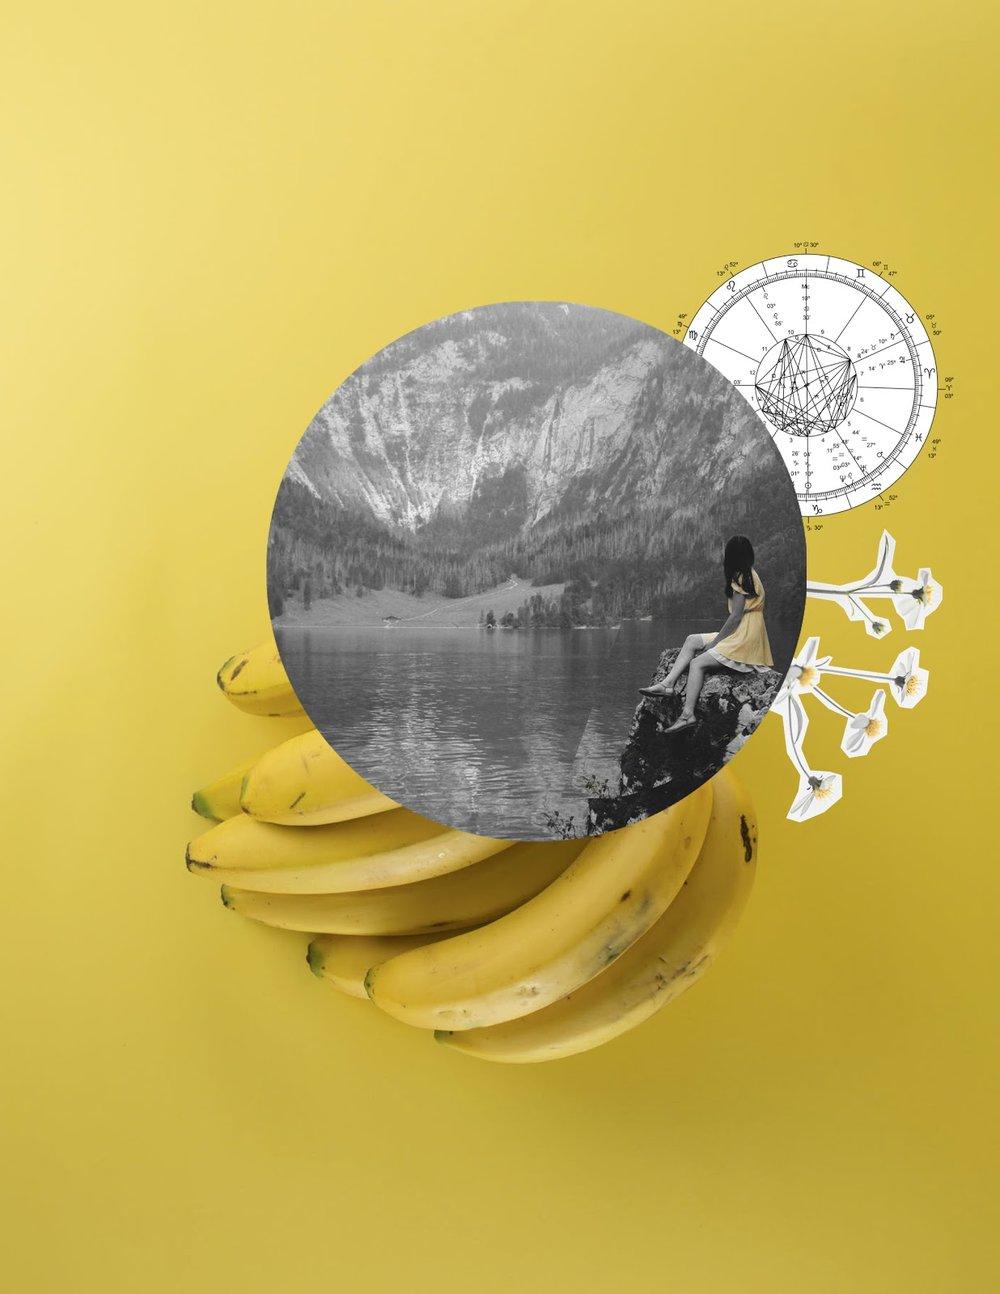 This sh*t is bananas | Carolina Malagamba